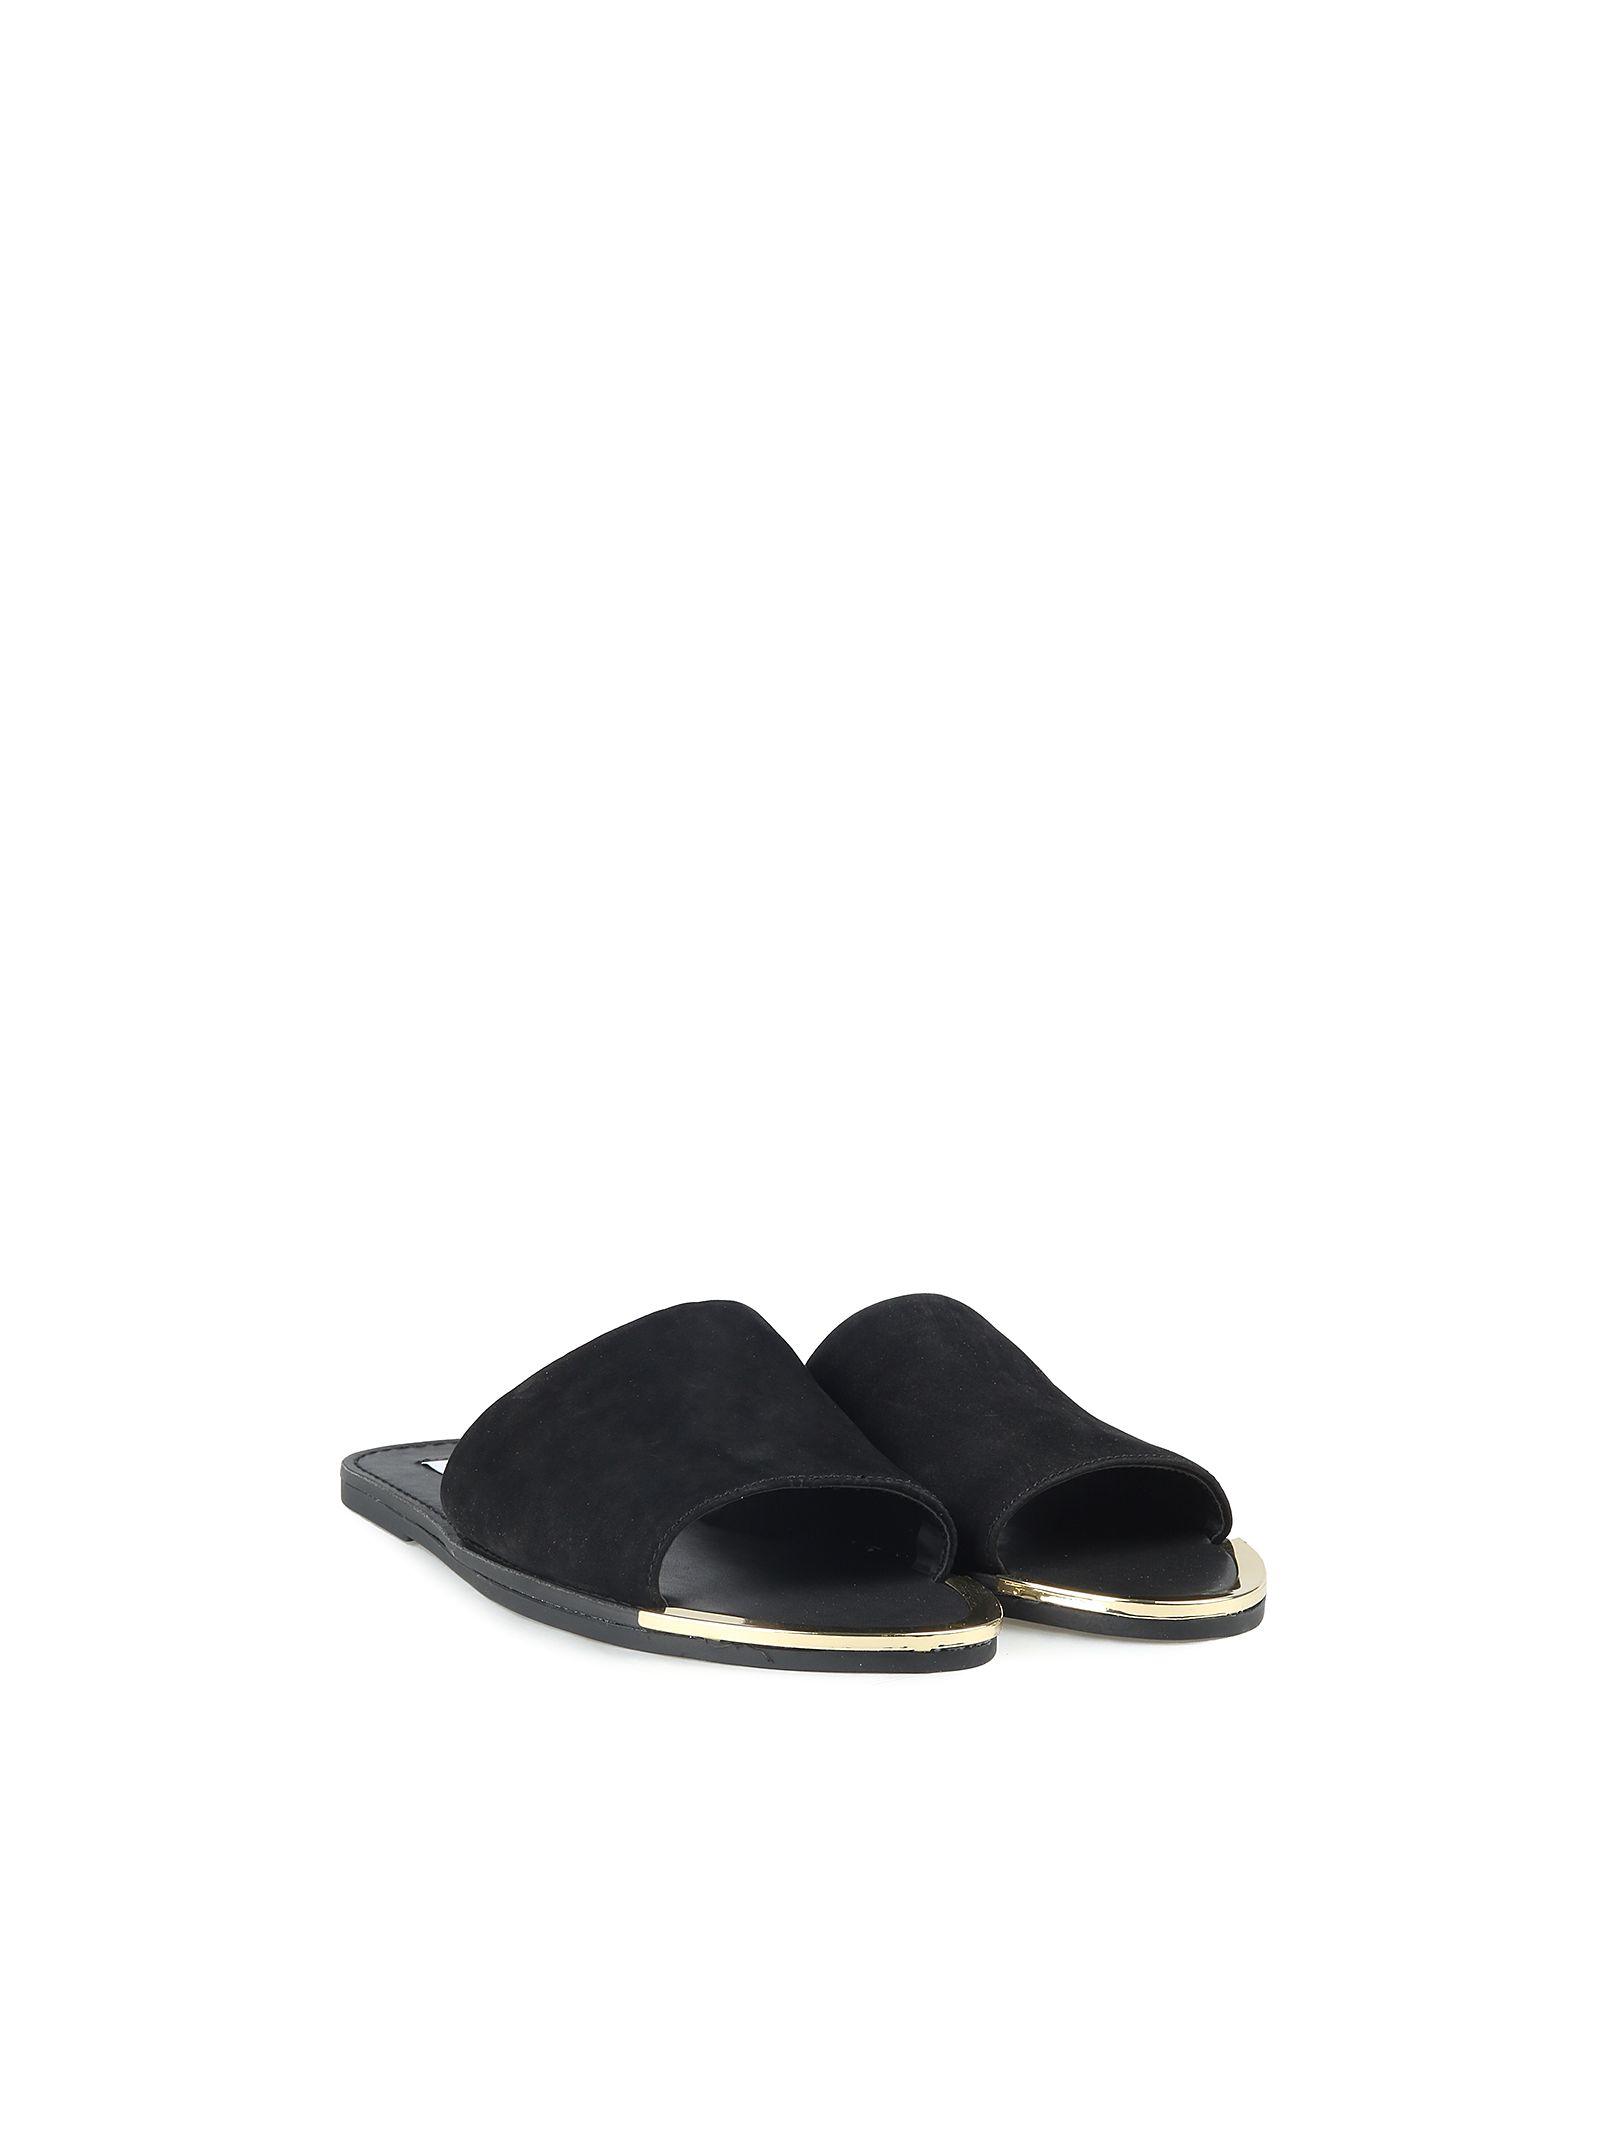 Steve Madden Kidd Suede Slide Sandals